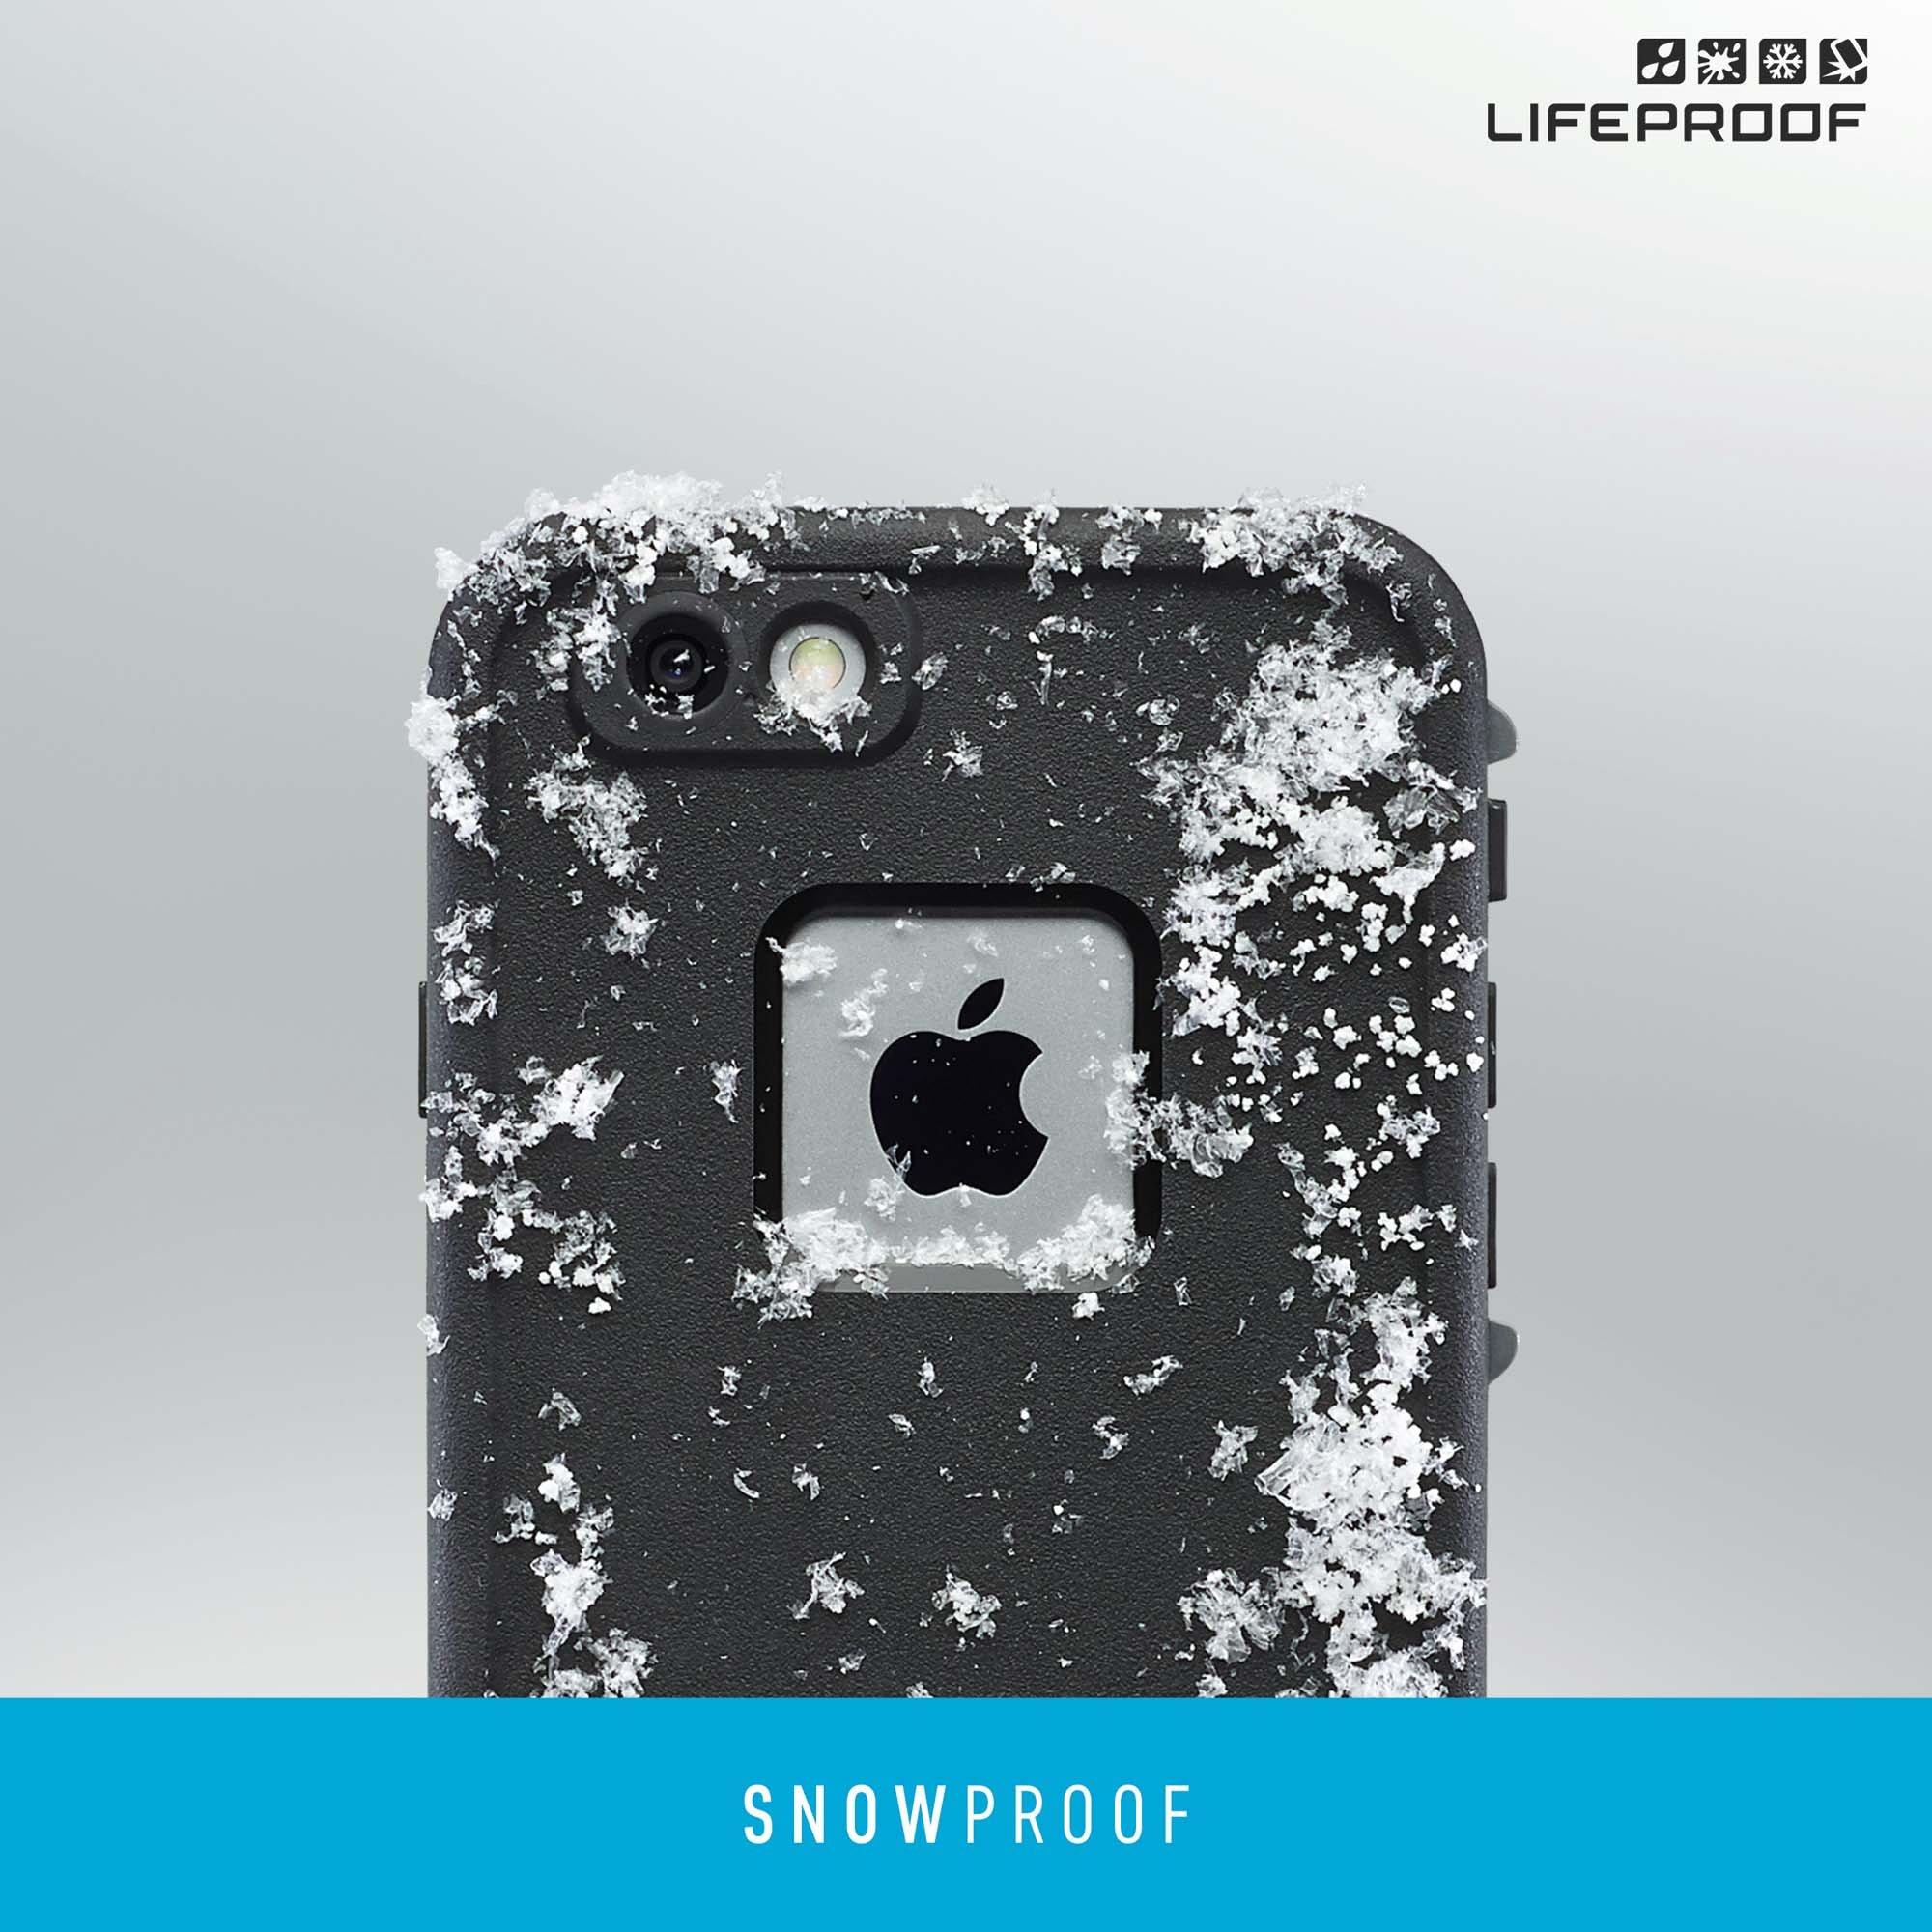 Lifeproof FRĒ SERIES iPhone 6/6s Waterproof Case (4.7'' Version) - Retail Packaging - BANZAI (COWABUNGA/WAVE CRASH/LONGBOARD) by LifeProof (Image #14)